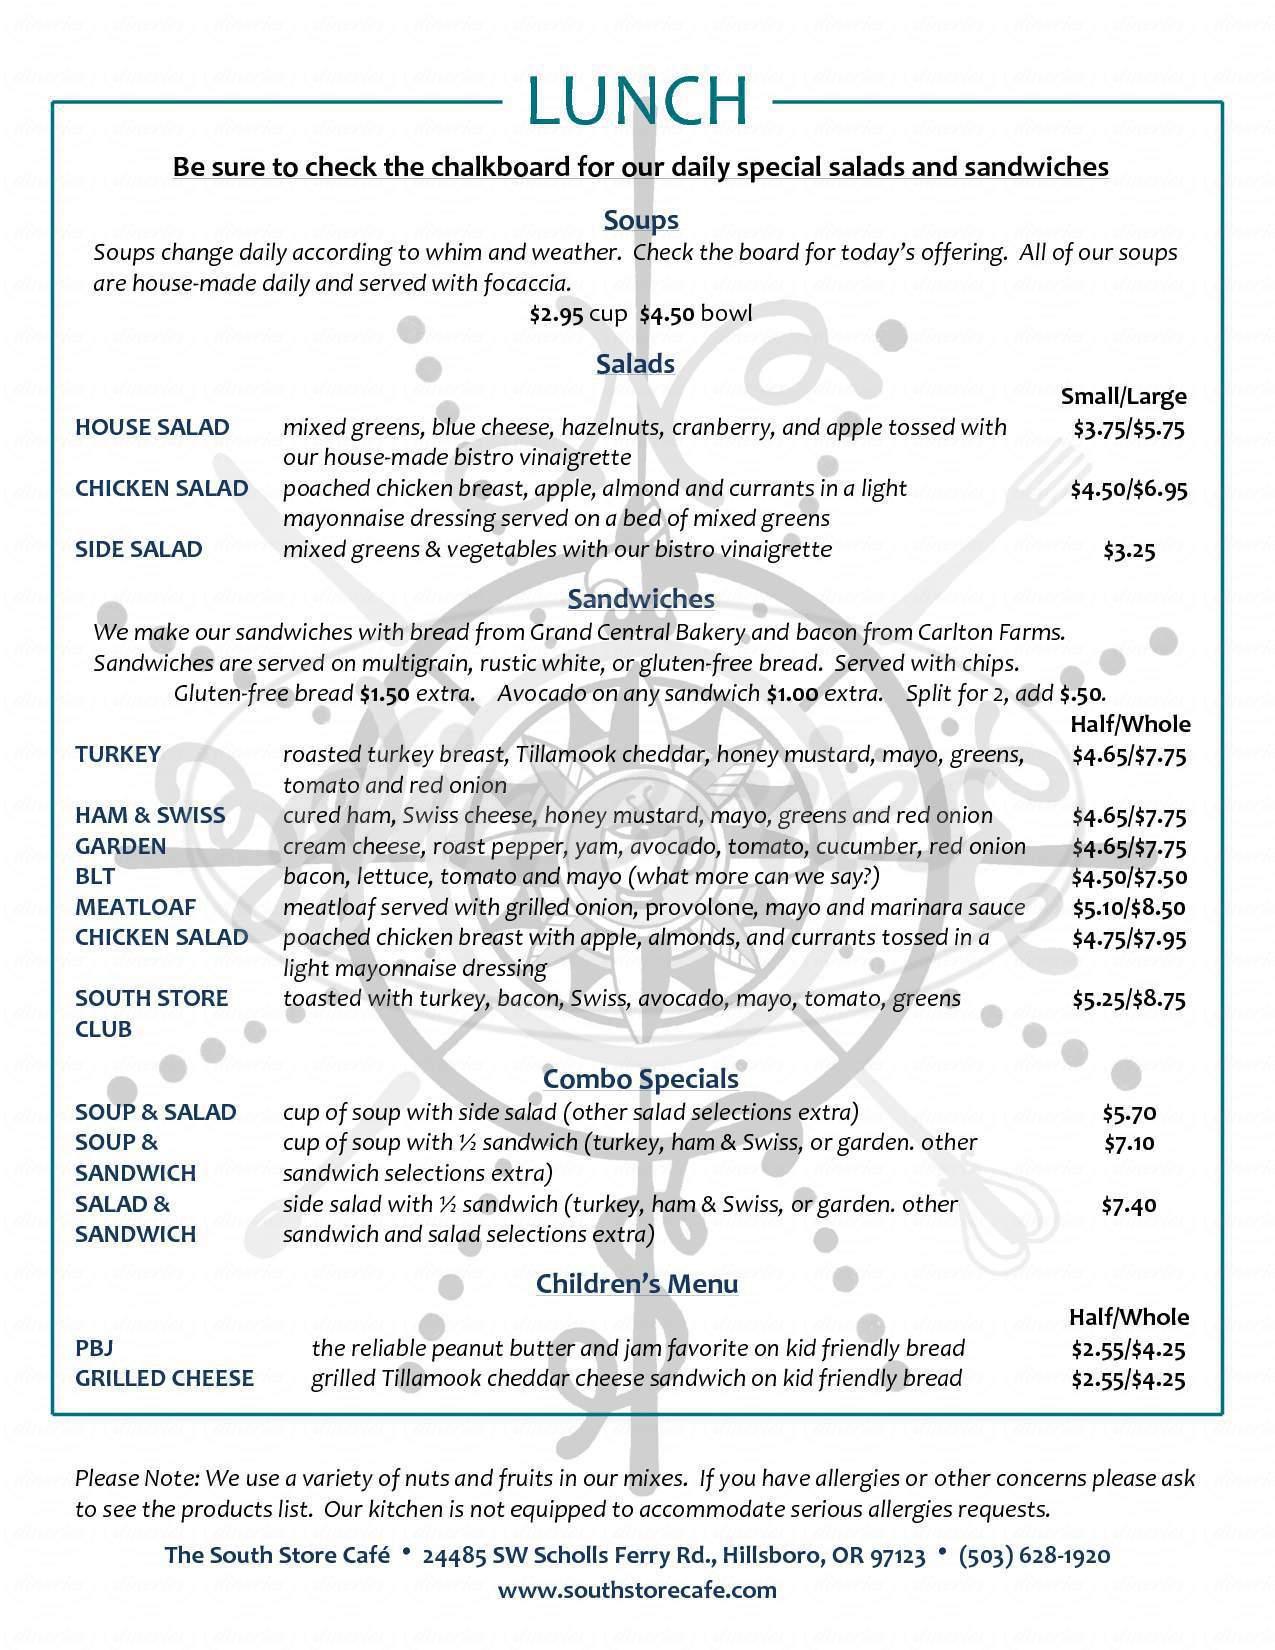 menu for South Store Cafe